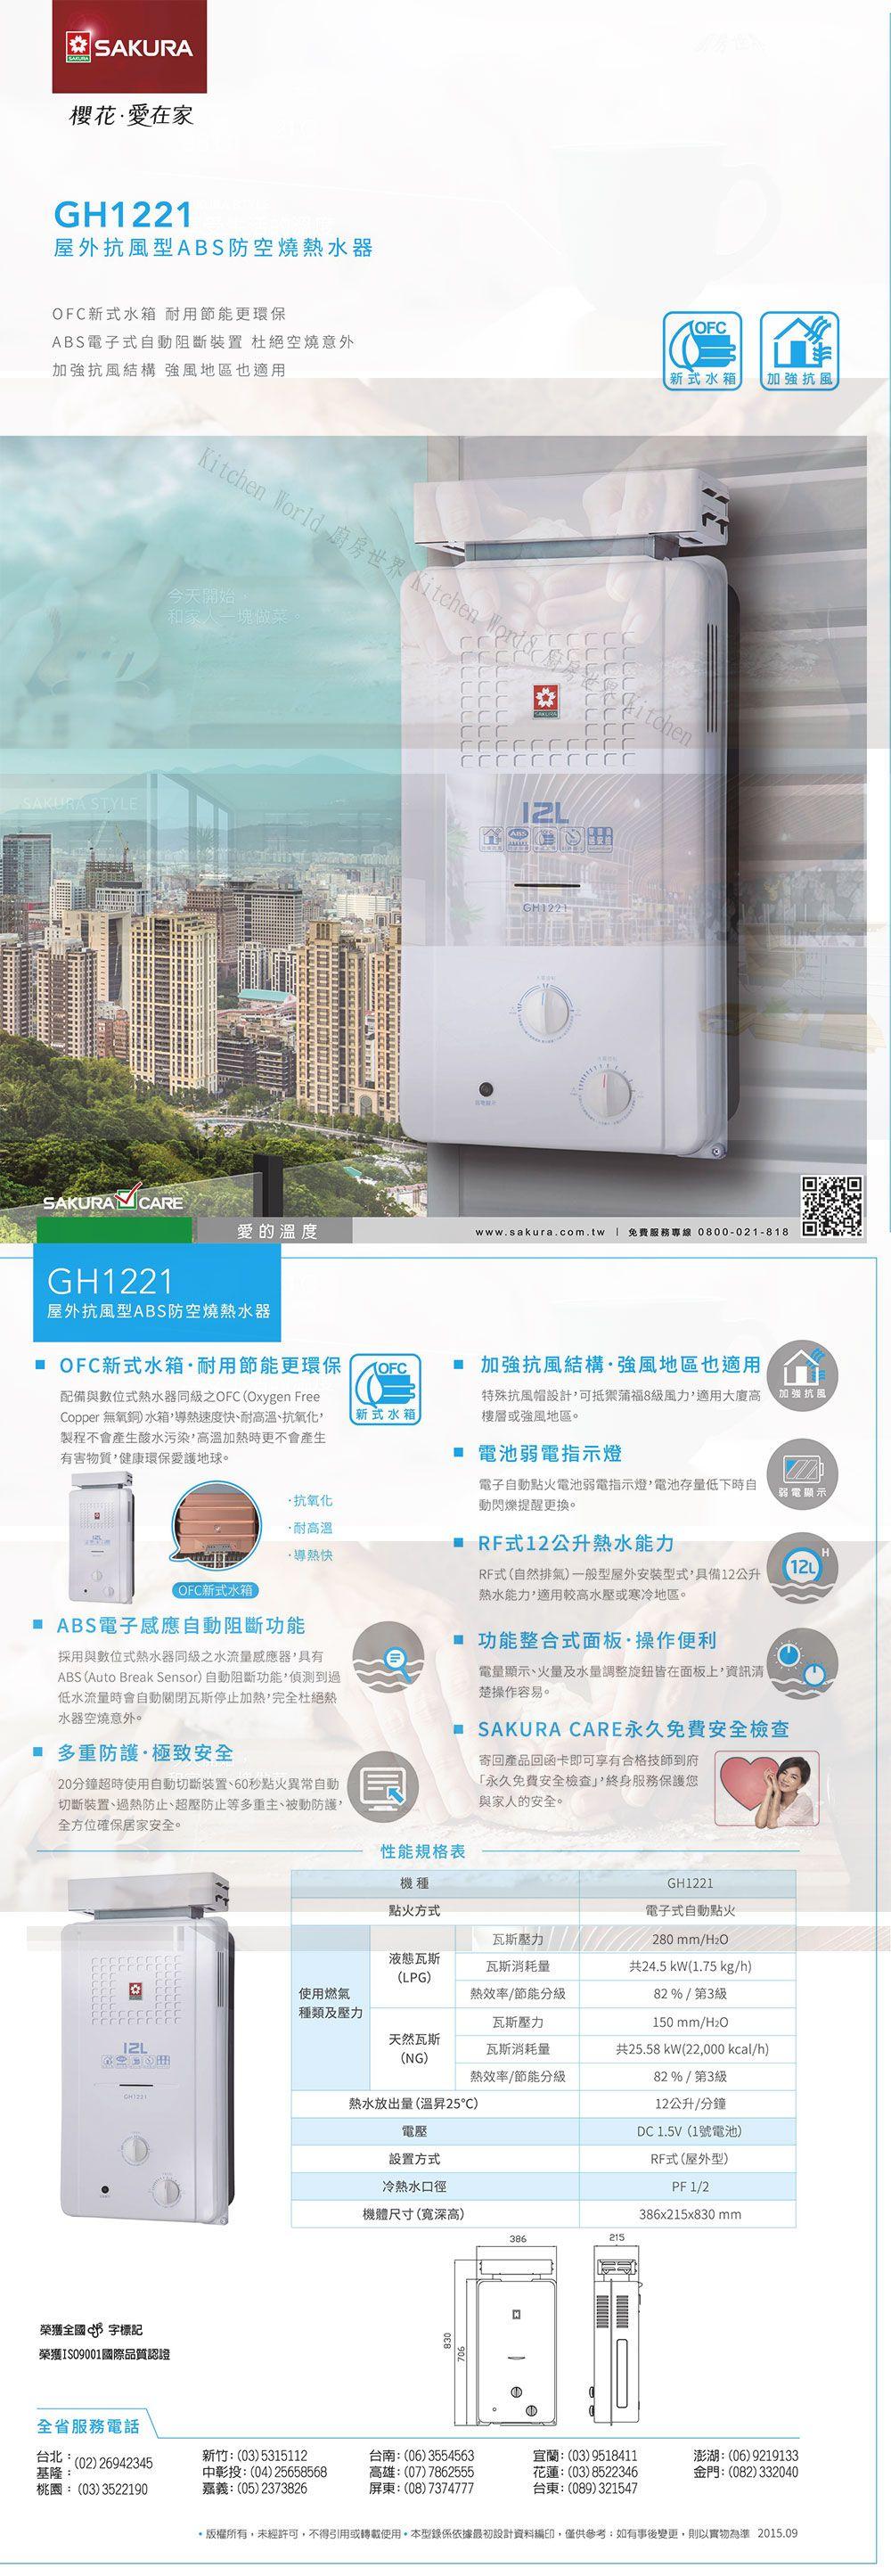 PK/goods/SAKURA/Water Heater/GH1221-DM-1.jpg